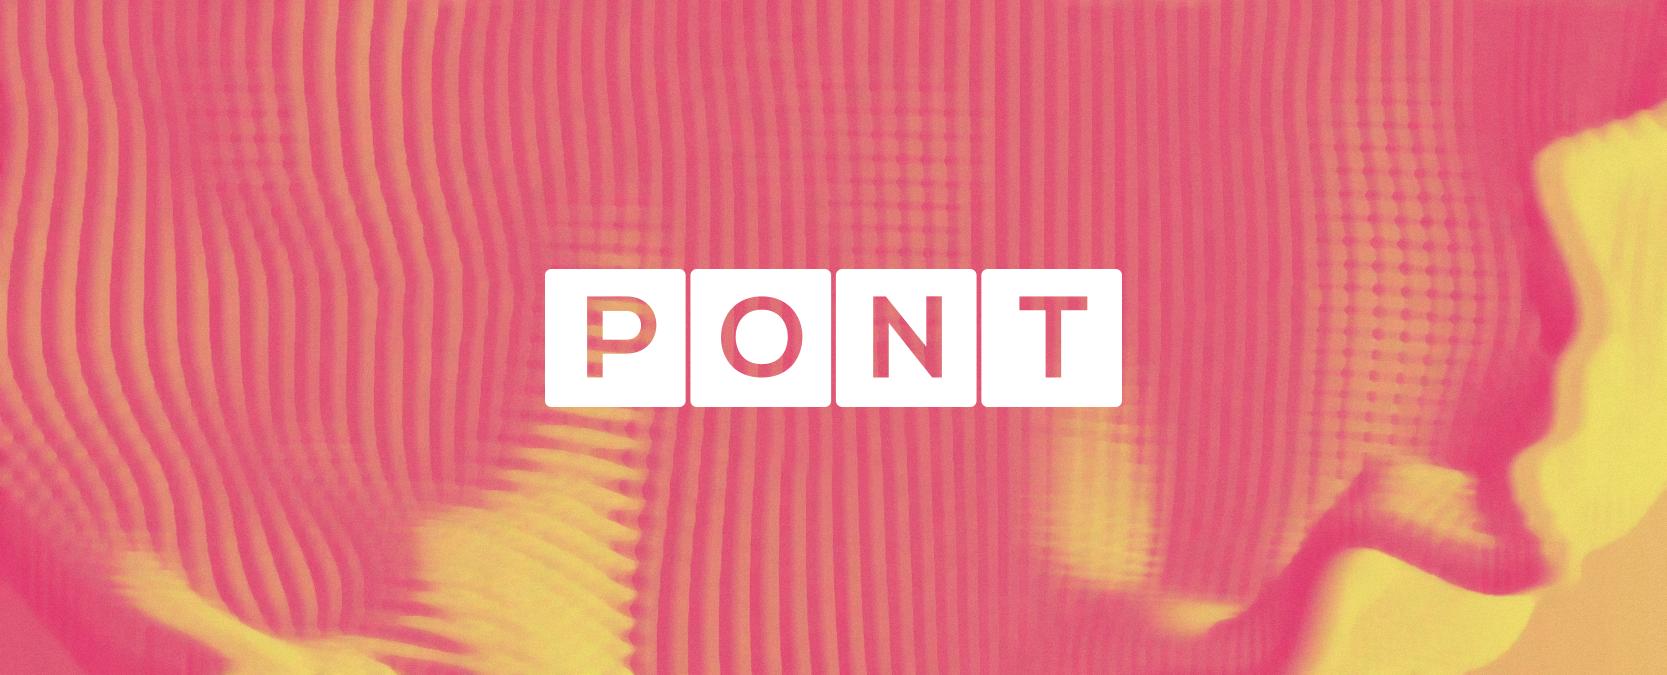 Vezi anul 2019 al PONT în poze!